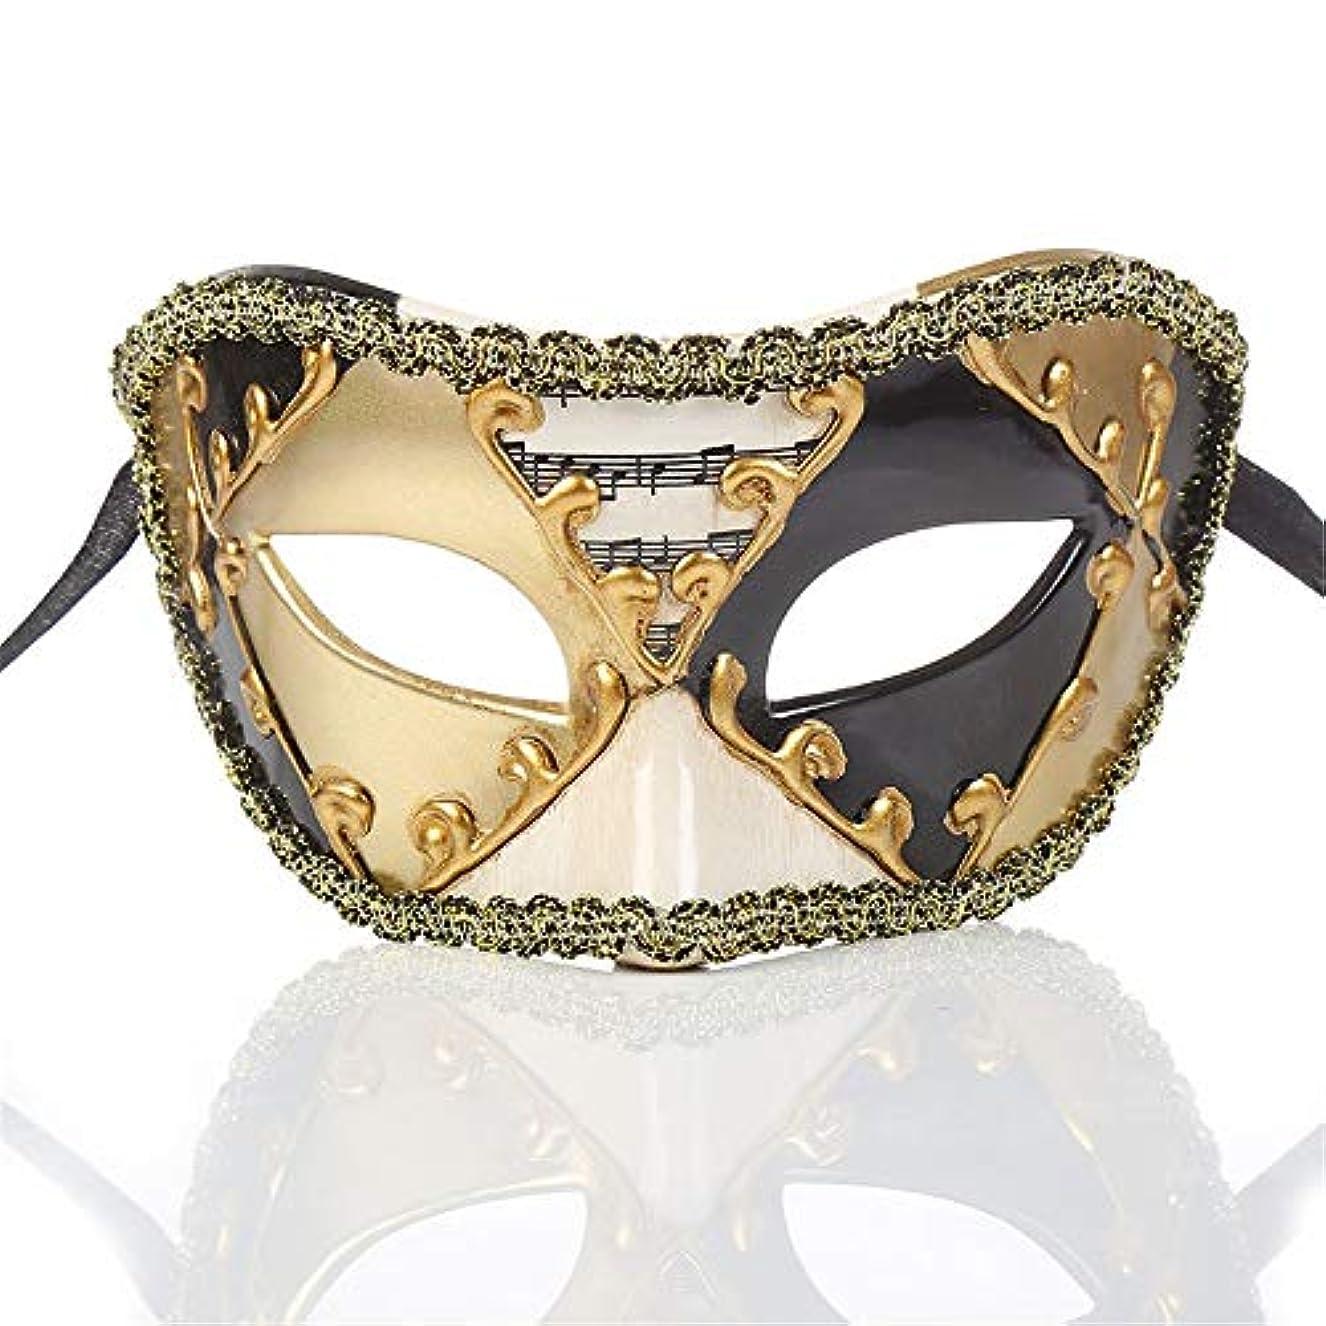 いいね債務者バックダンスマスク ヴィンテージクラシックハーフフェイスクラウンミュージカルノート装飾マスクフェスティバルロールプレイングプラスチックマスク ホリデーパーティー用品 (色 : ブラック, サイズ : 16.5x8cm)